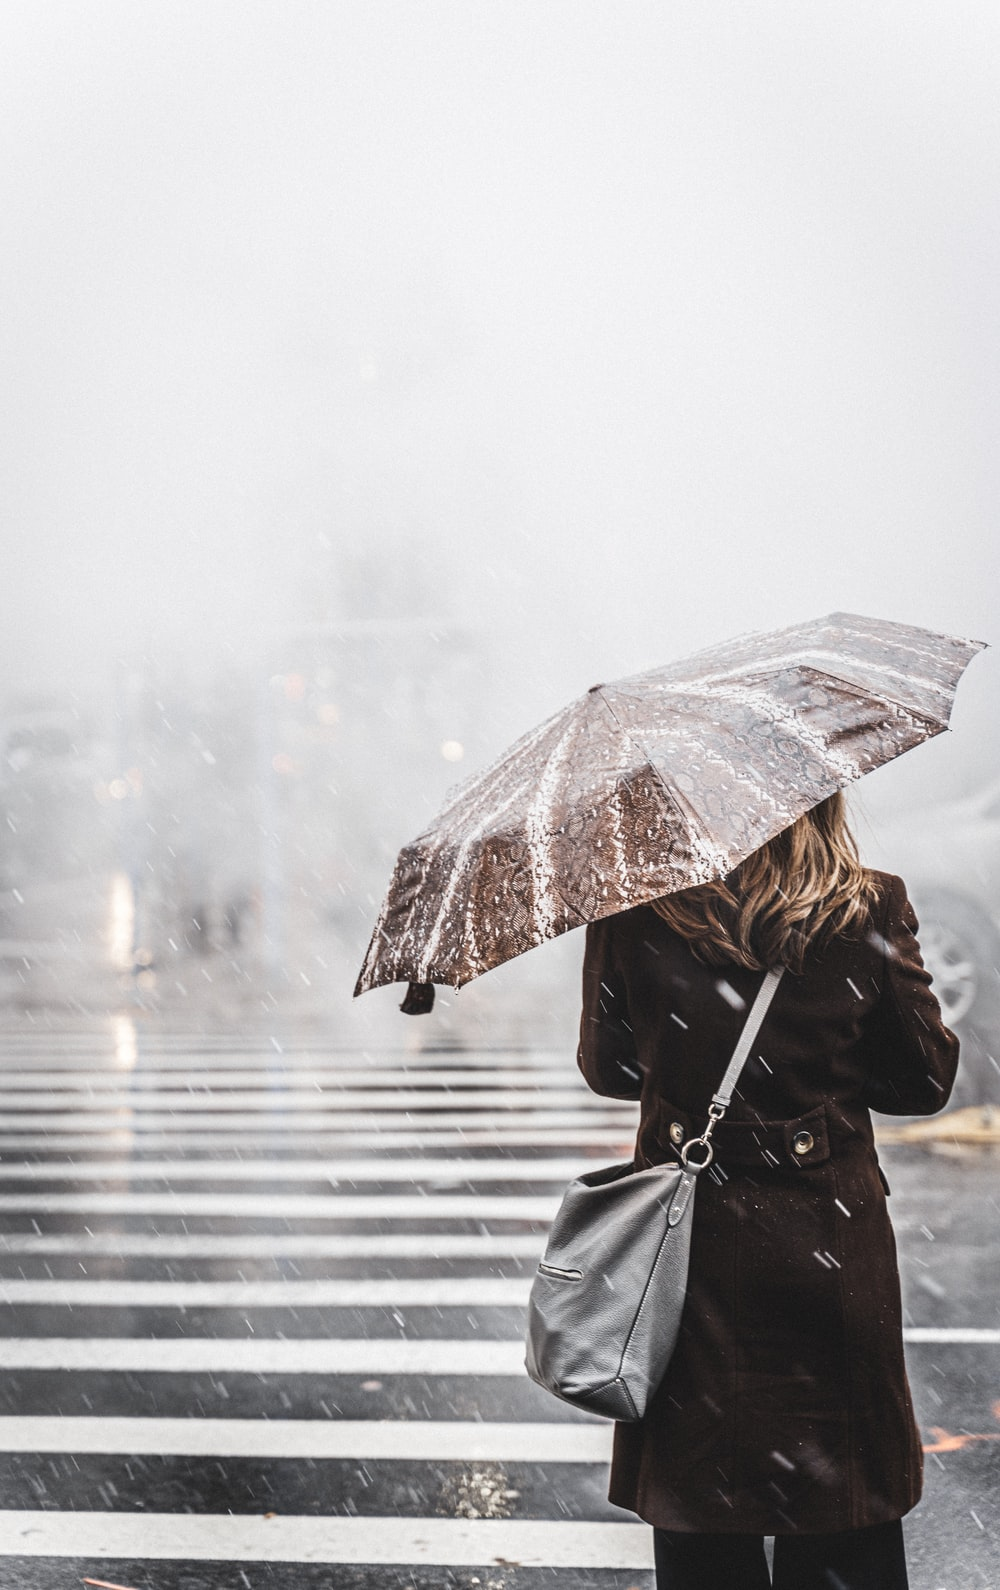 woman walking on pedestrian lane while holding umbrella